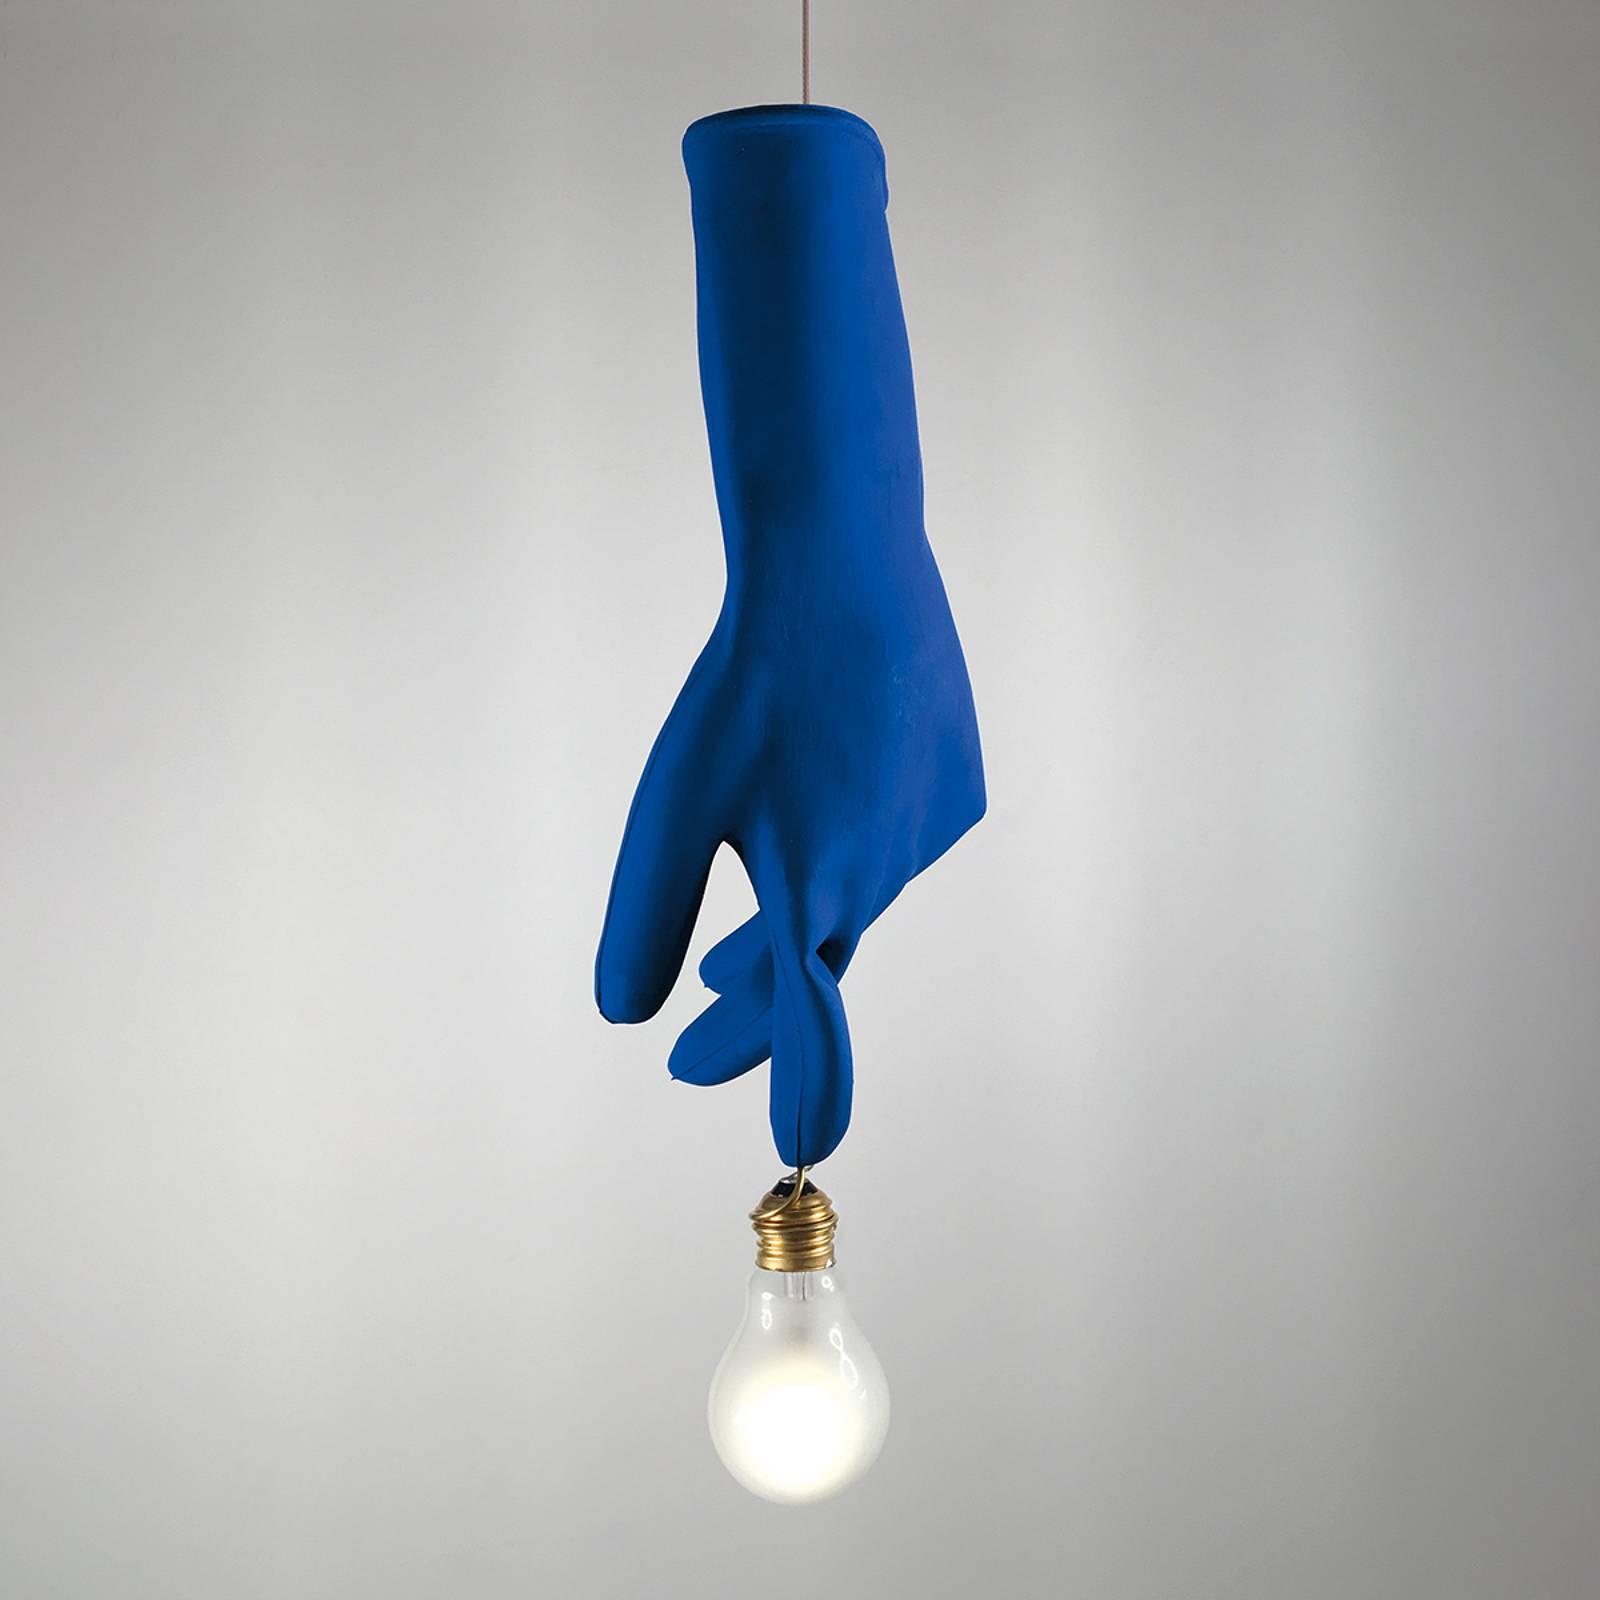 Ingo Maurer Blue Luzy LED hanglamp blauw